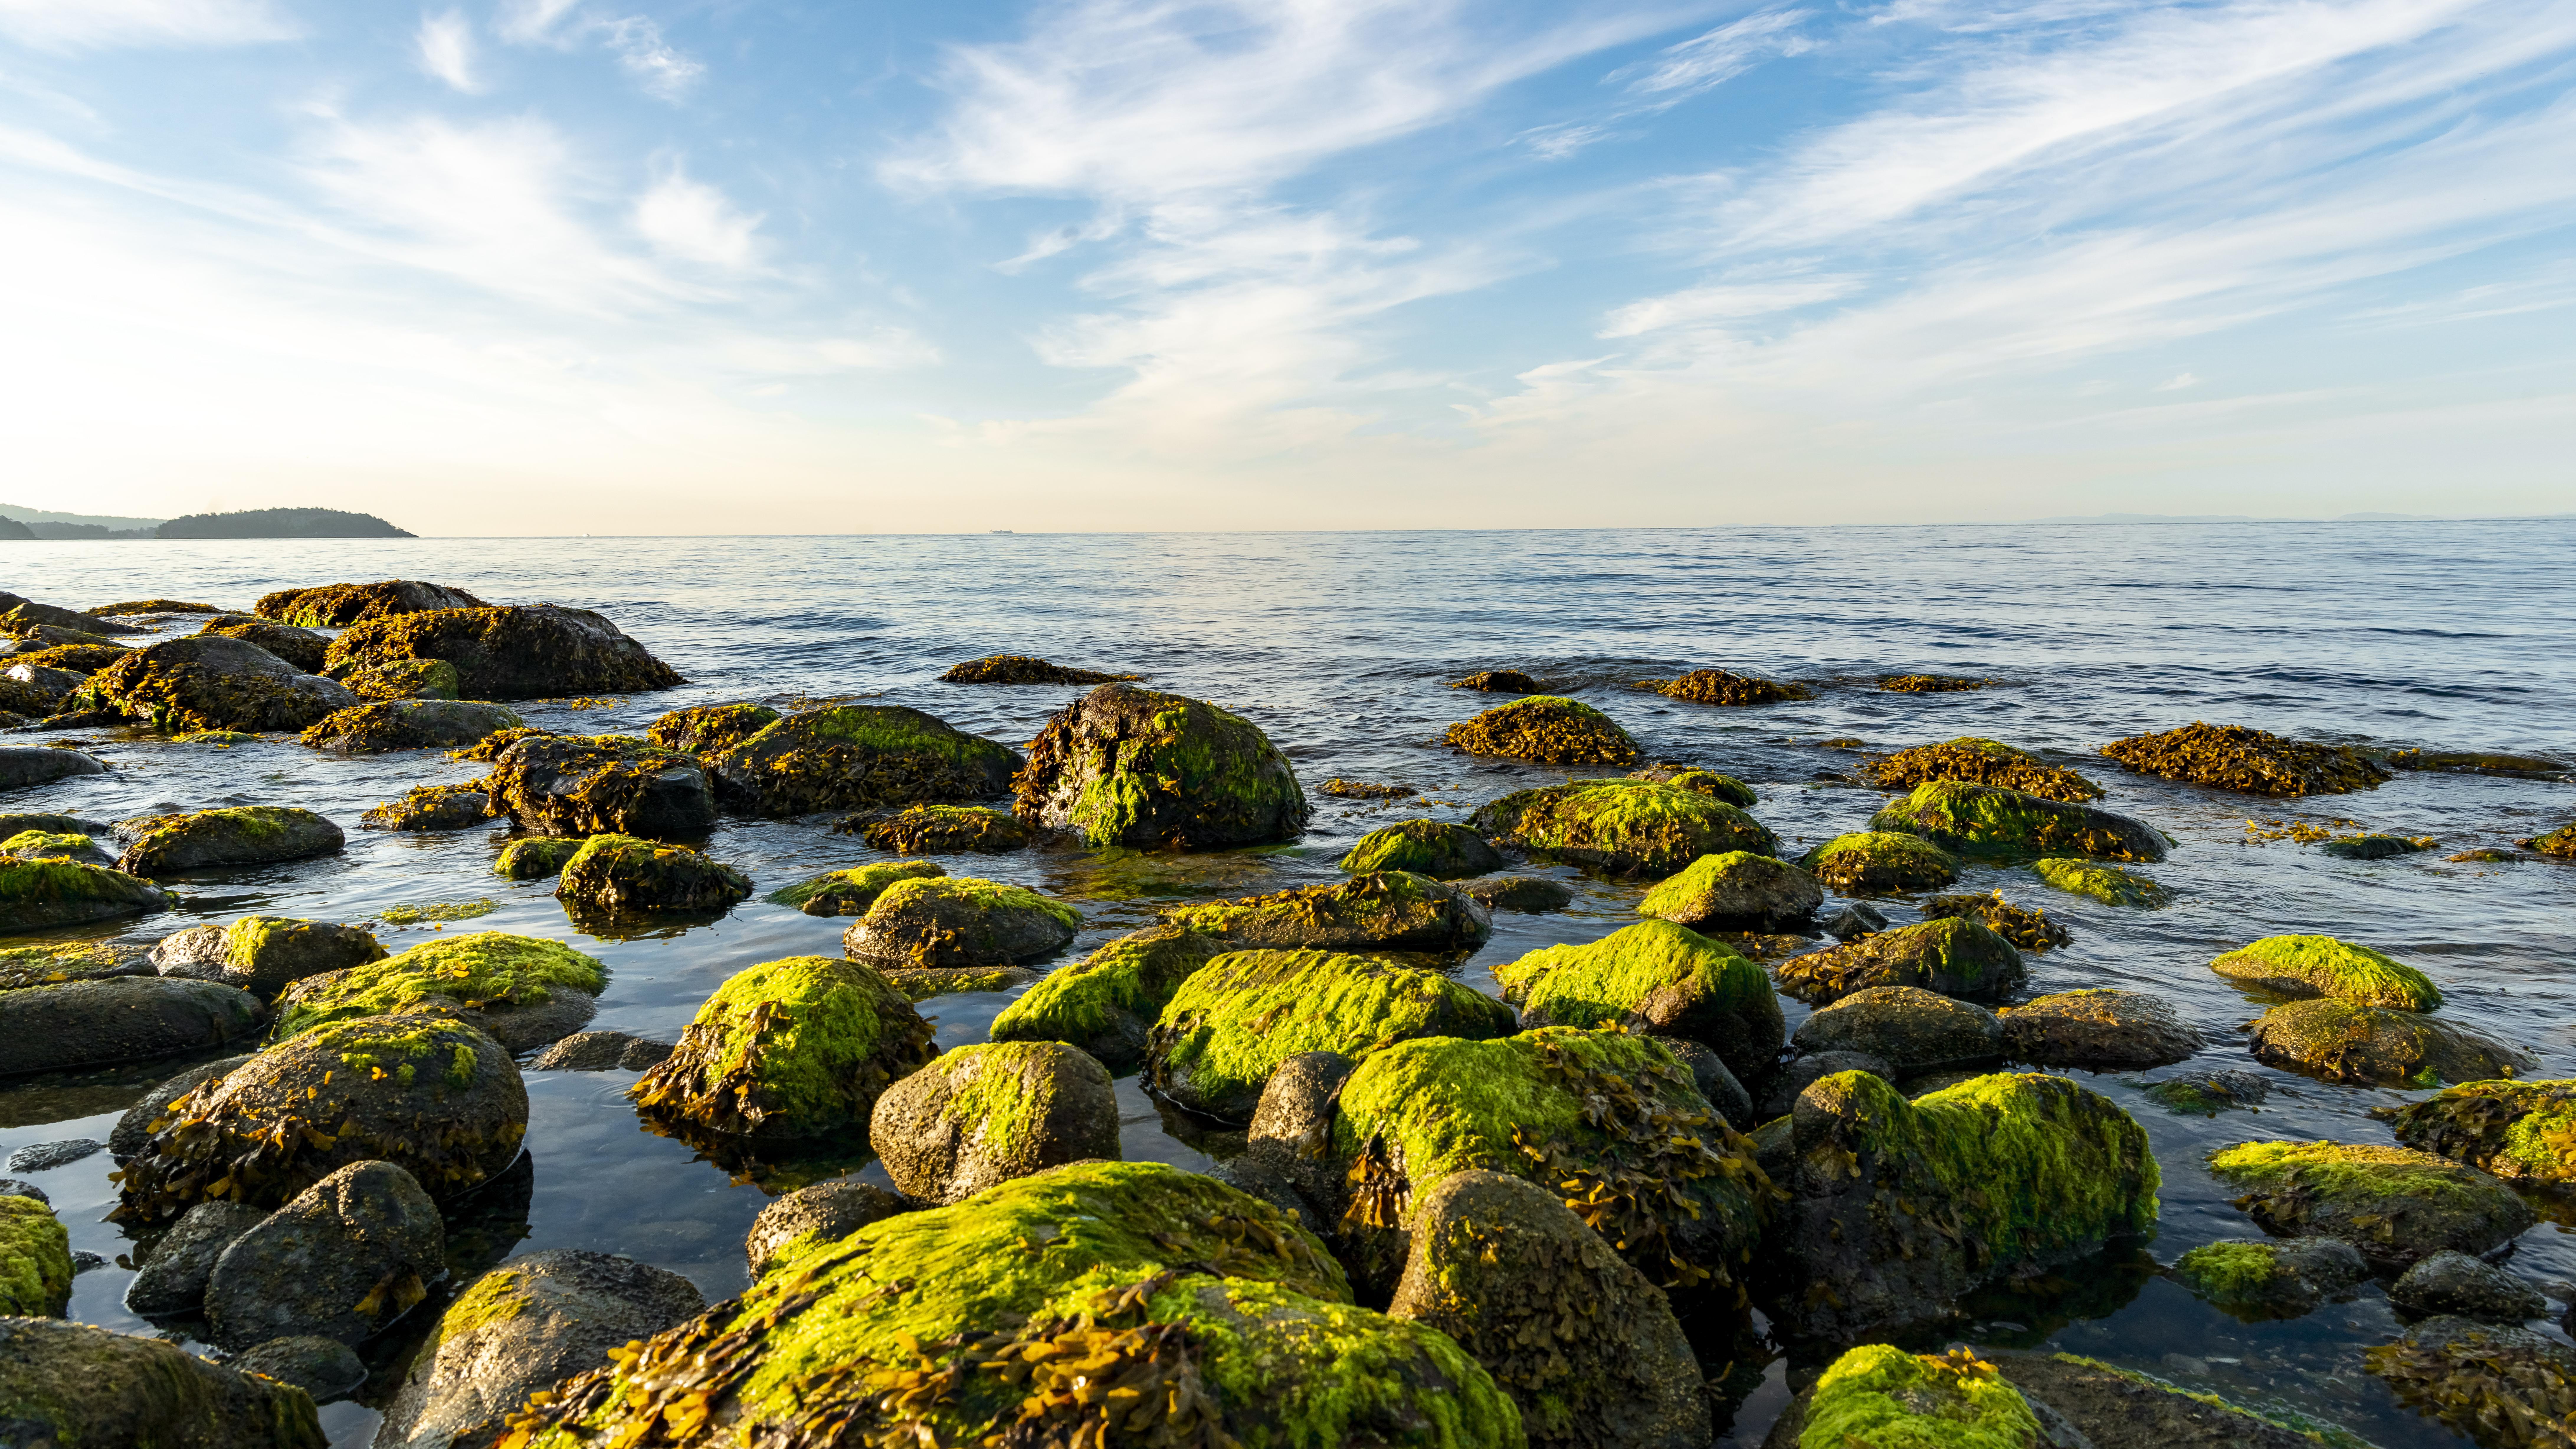 Mossy Rocks at Shore